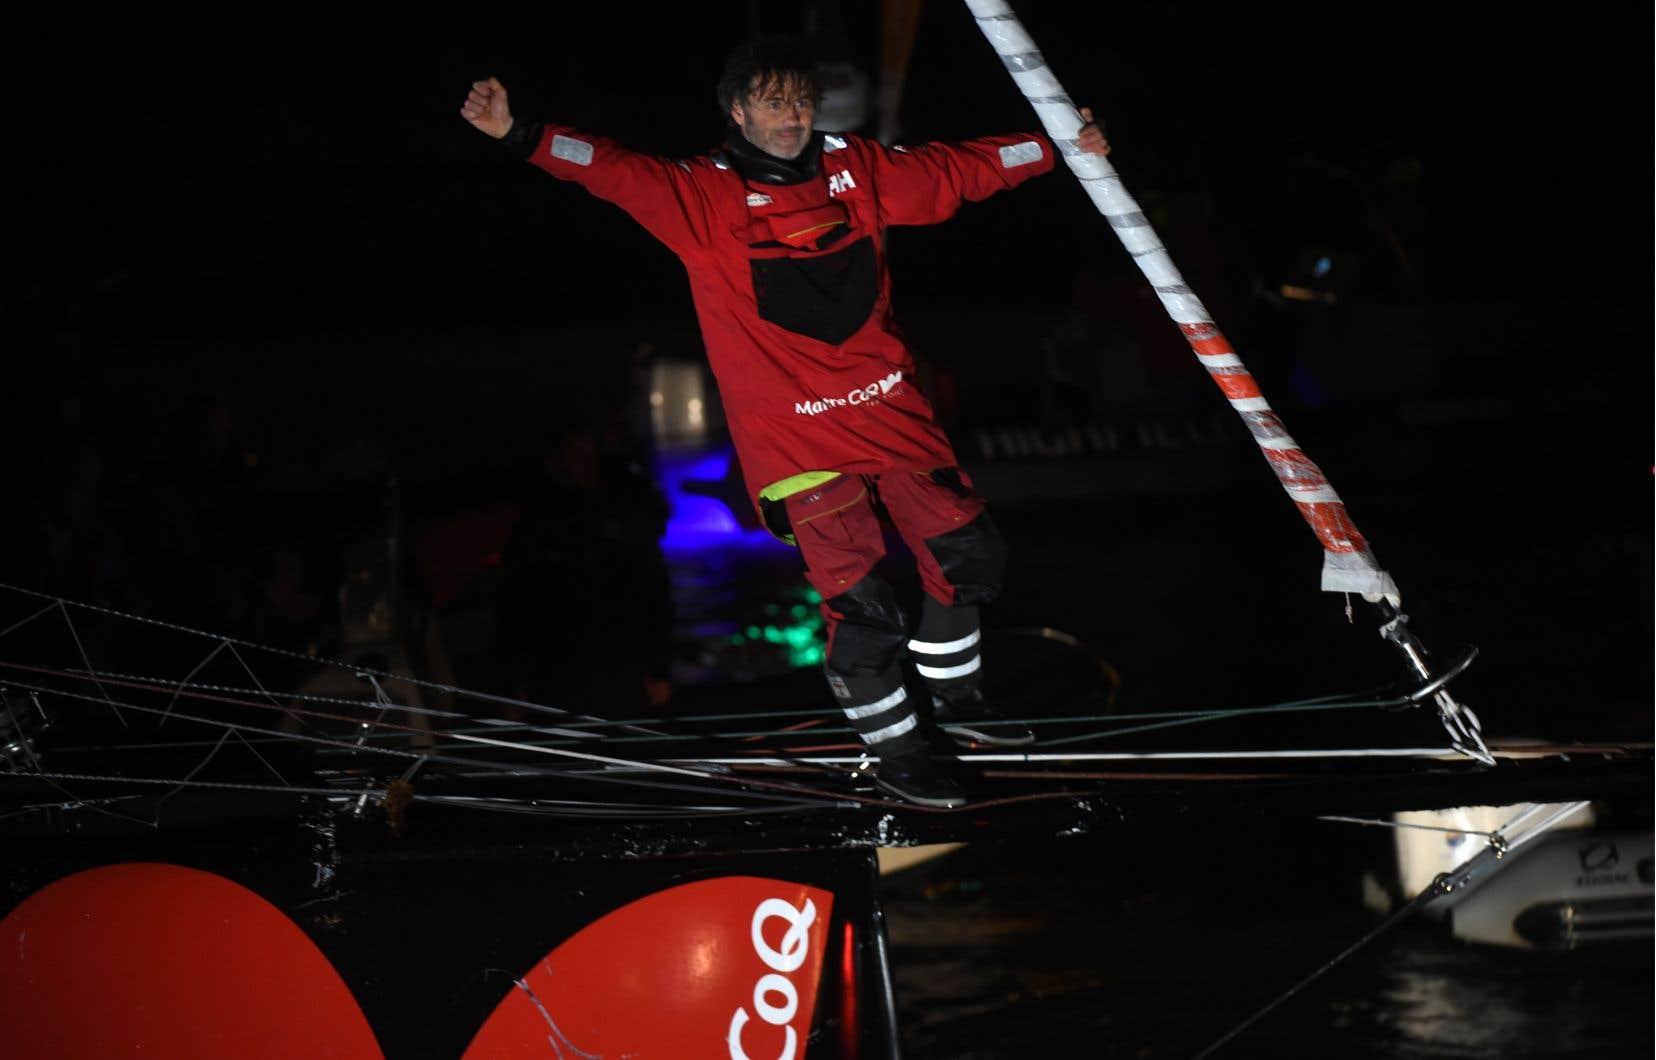 Yannick Bestaven, qui a franchi la ligne d'arrivée huit heures après Charlie Dalina remporté la première place, car il bénificiait d'une compensation de temps de dix heures et quinze minutes pour avoir aidé au sauvetage d'un concurrent naufragé, Kevin Escoffier, le 30novembre.